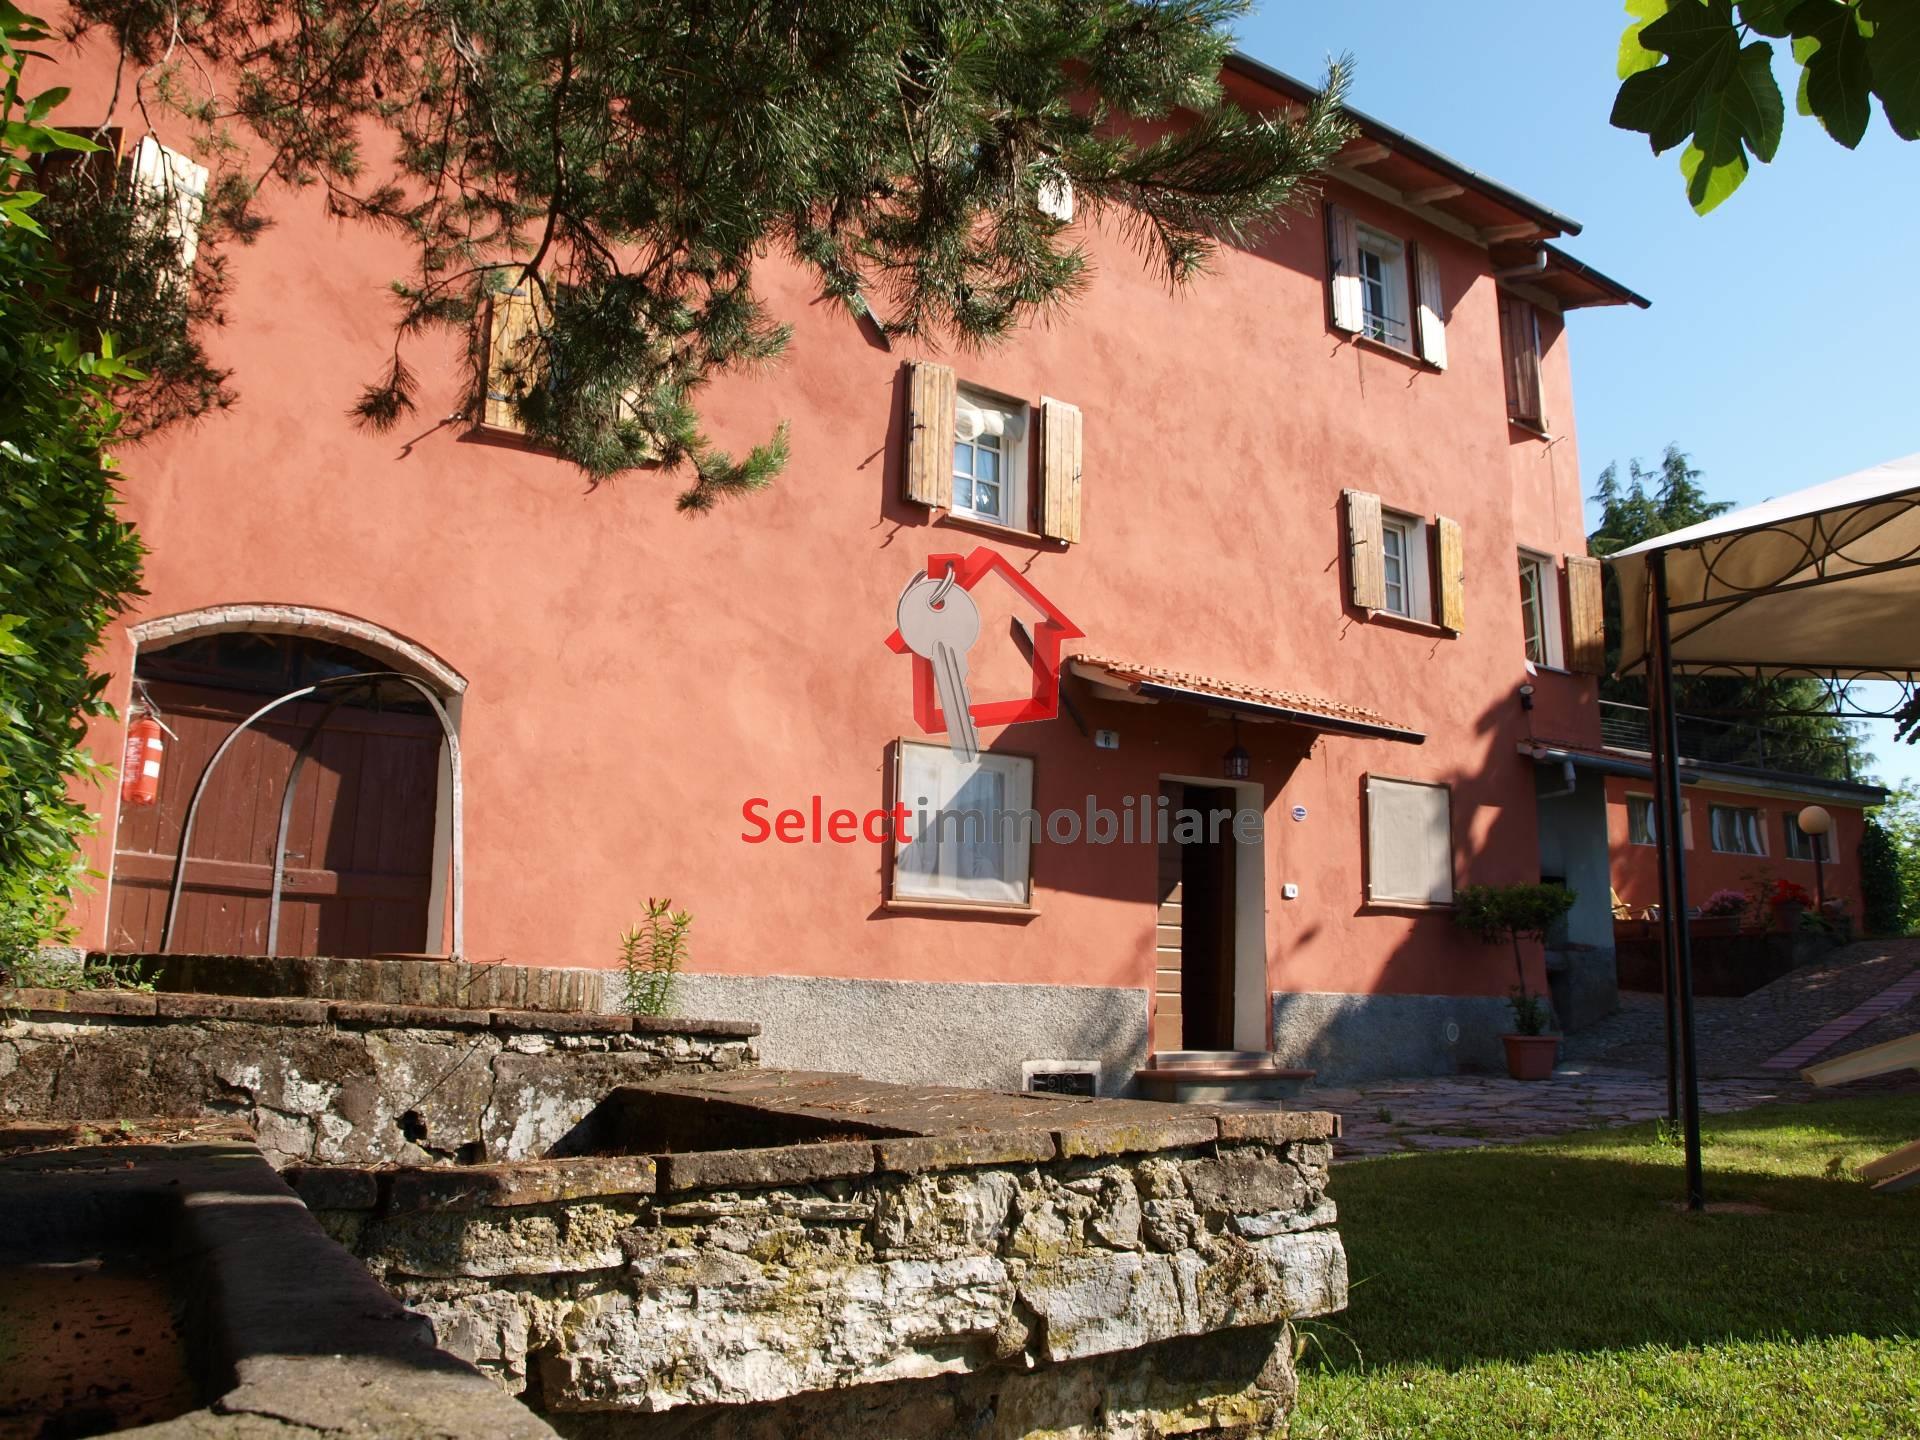 Rustico / Casale in vendita a Borgo a Mozzano, 10 locali, prezzo € 500.000 | Cambio Casa.it